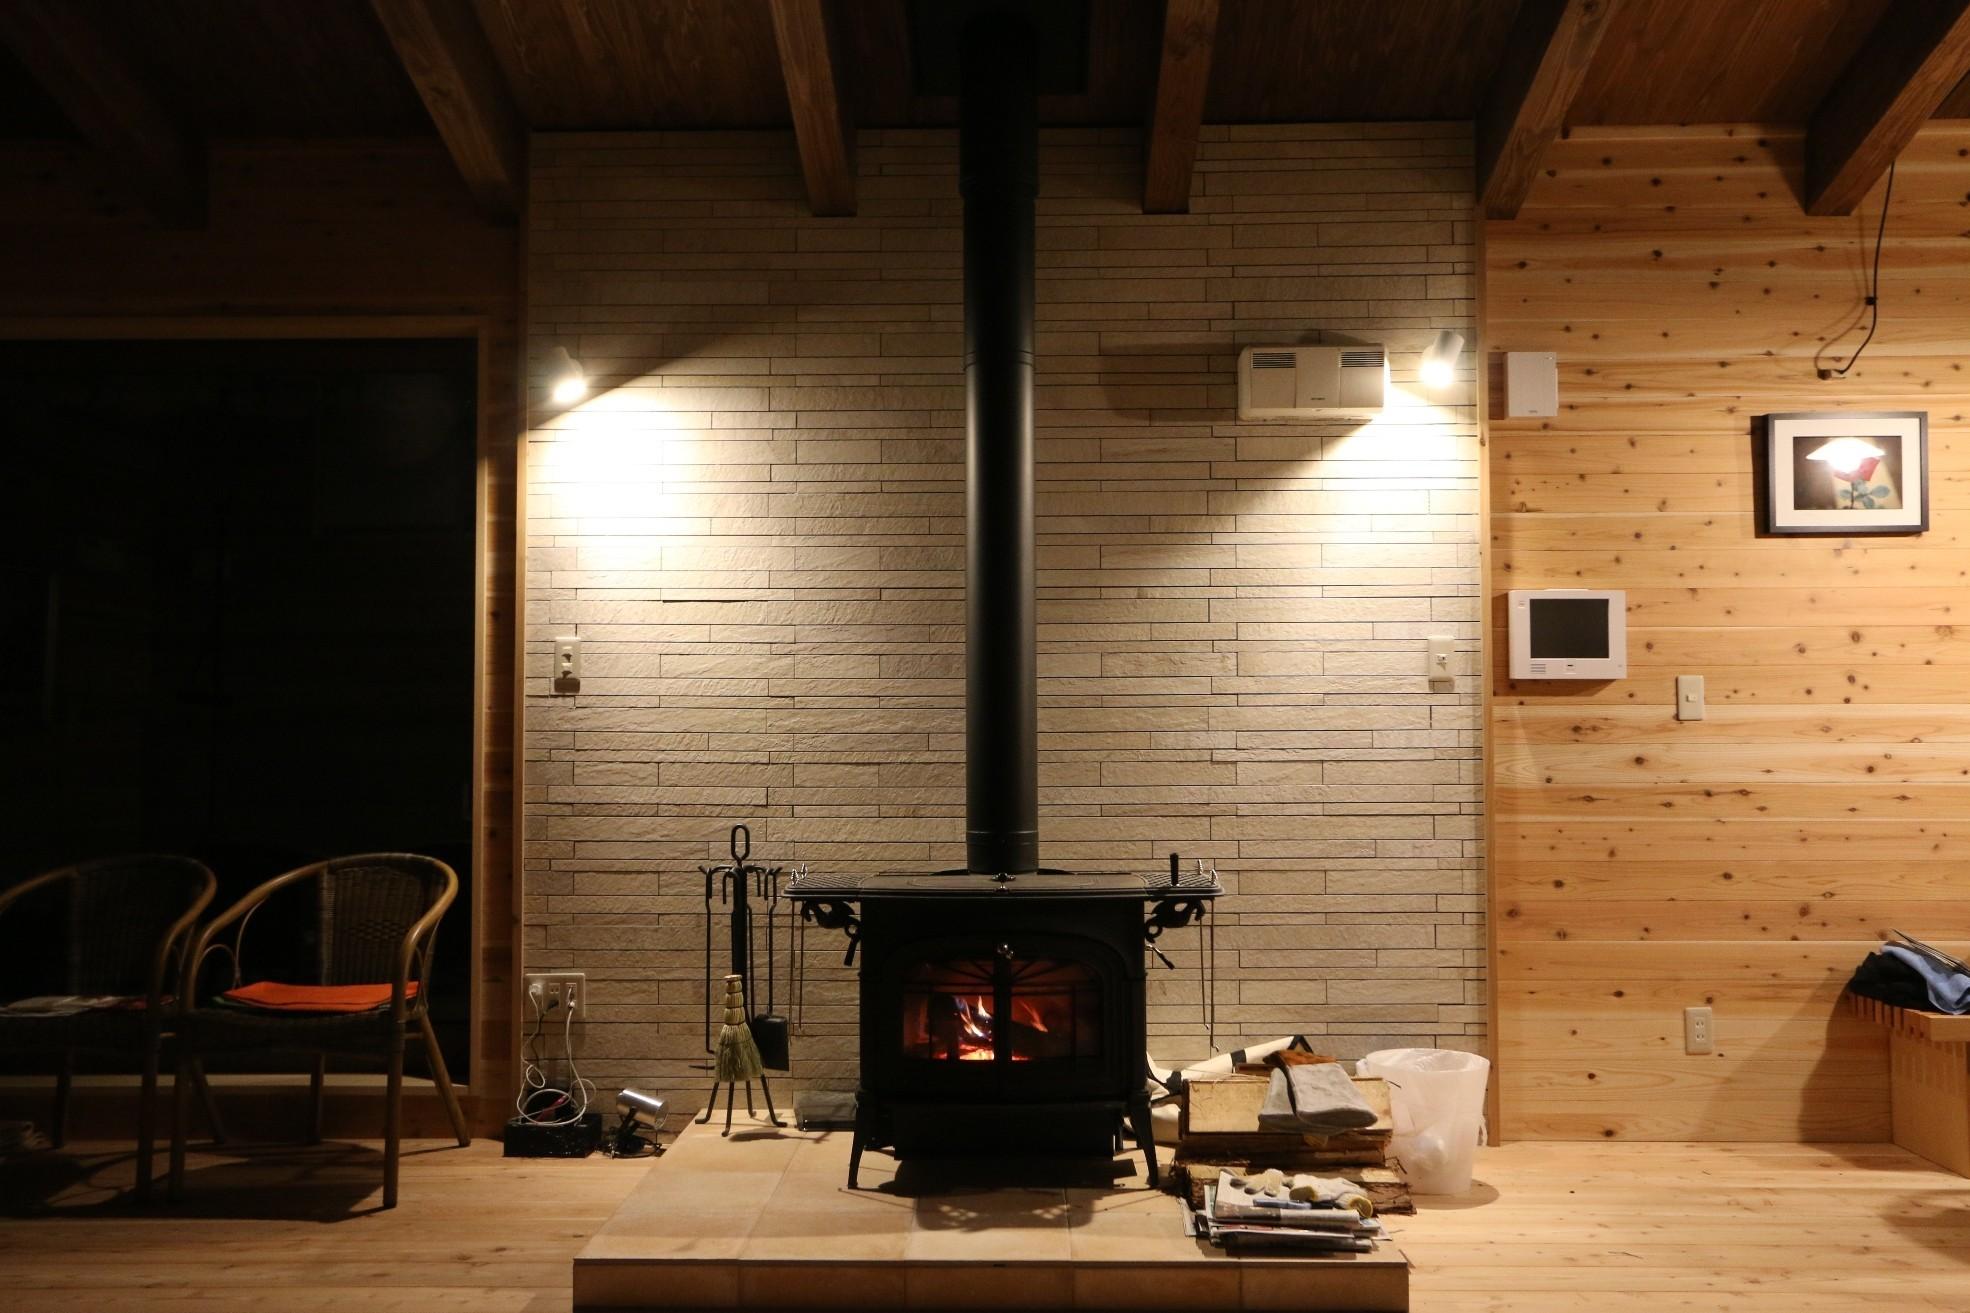 薪ストーブを住まいの主役としてデザインしました。 | 薪ストーブのある自然素材の別荘